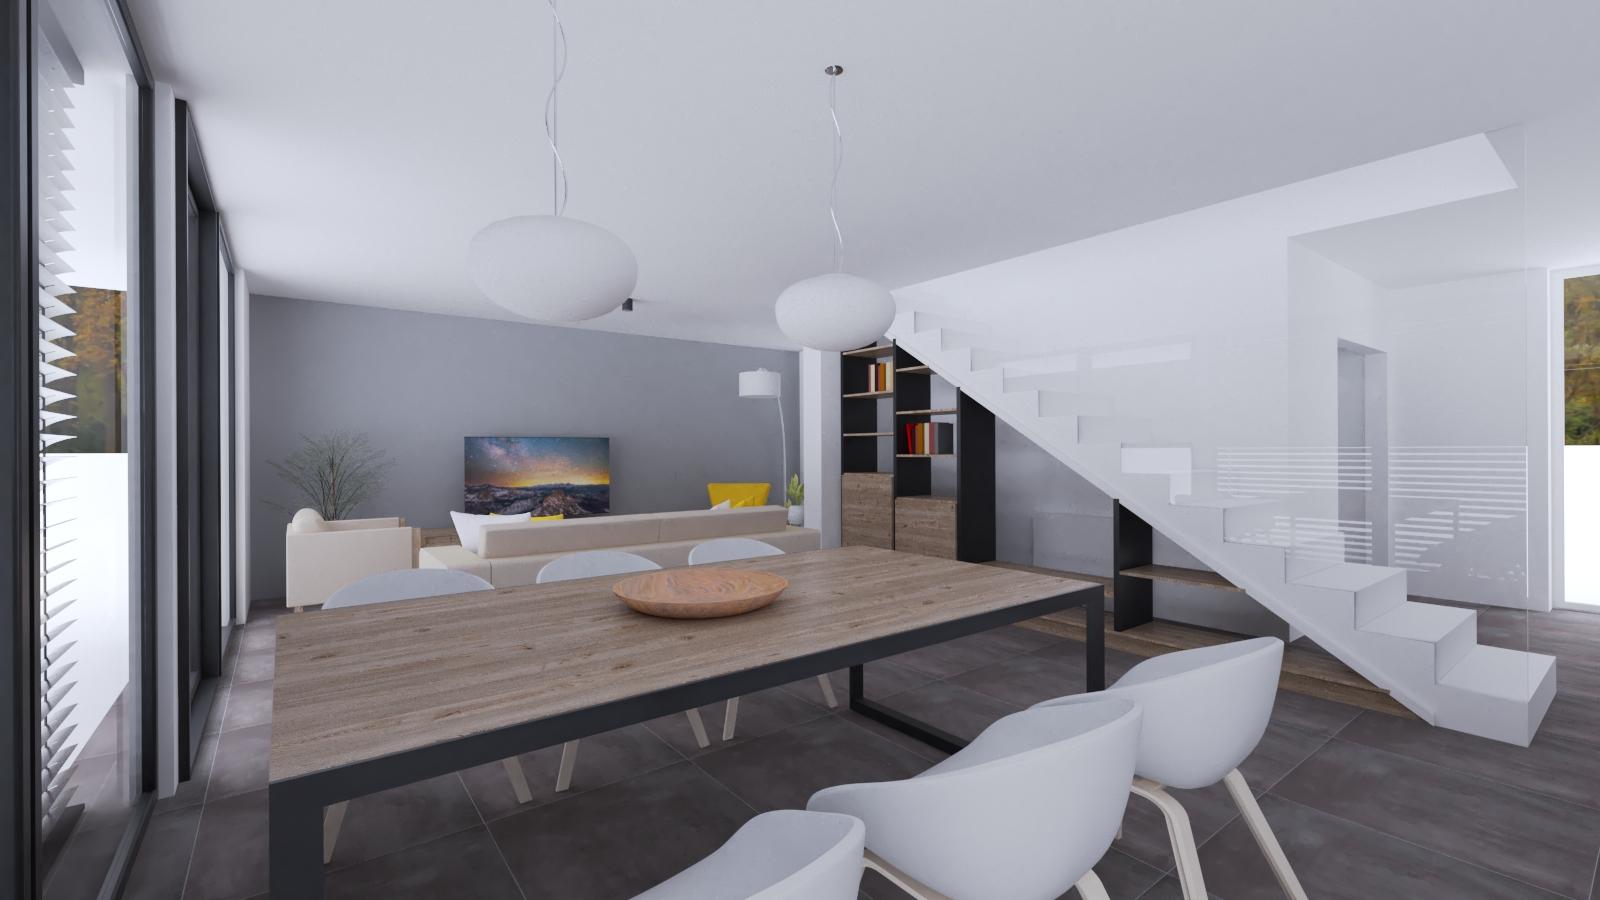 Obývačka so šedou dlažbou, knižničou pod schodami